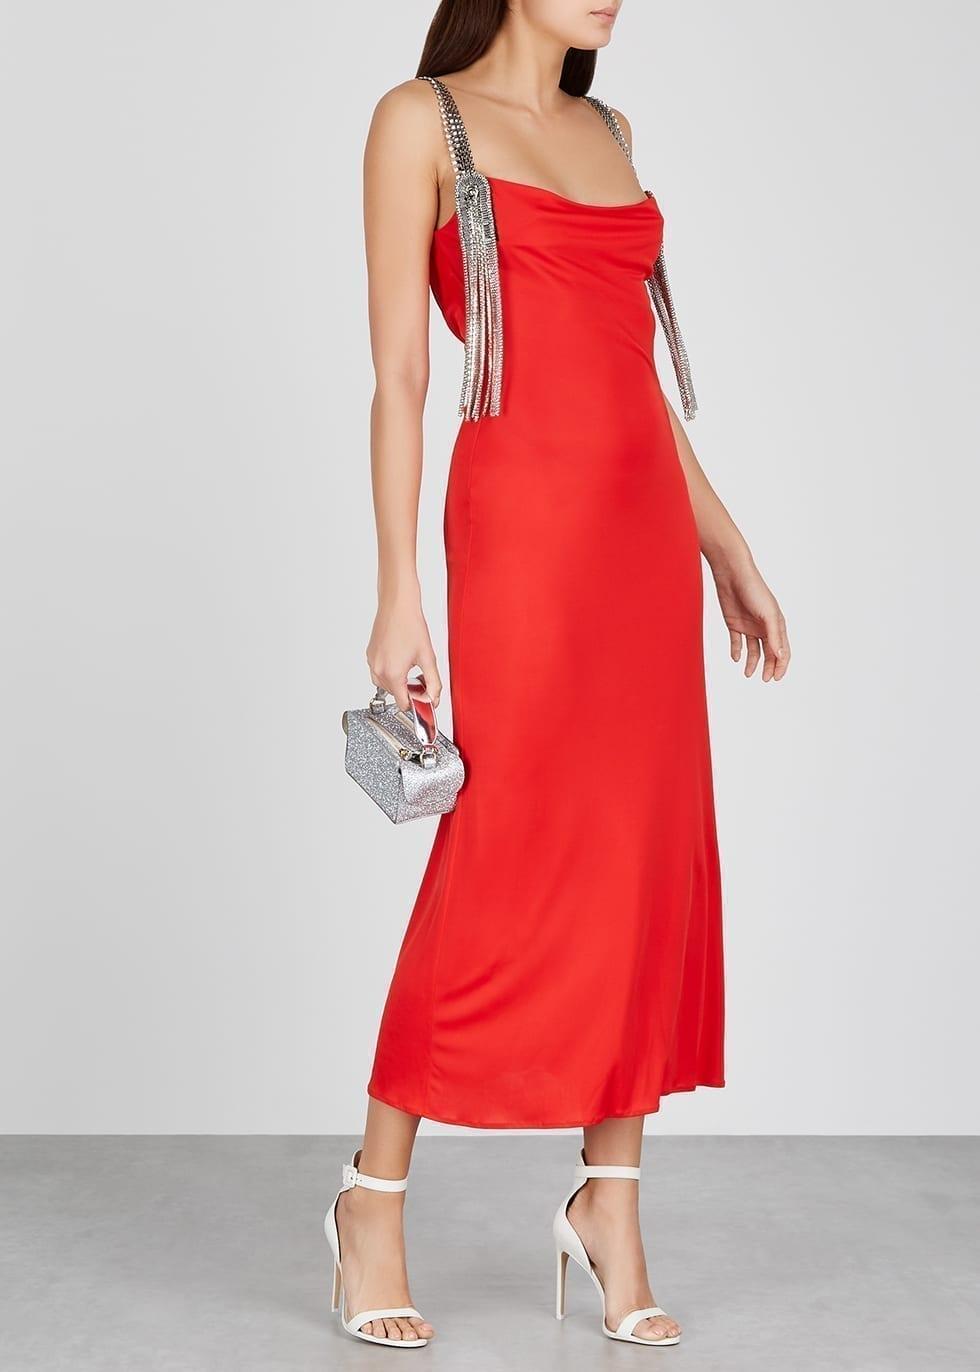 CHRISTOPHER KANE Red Embellished Jersey Dress